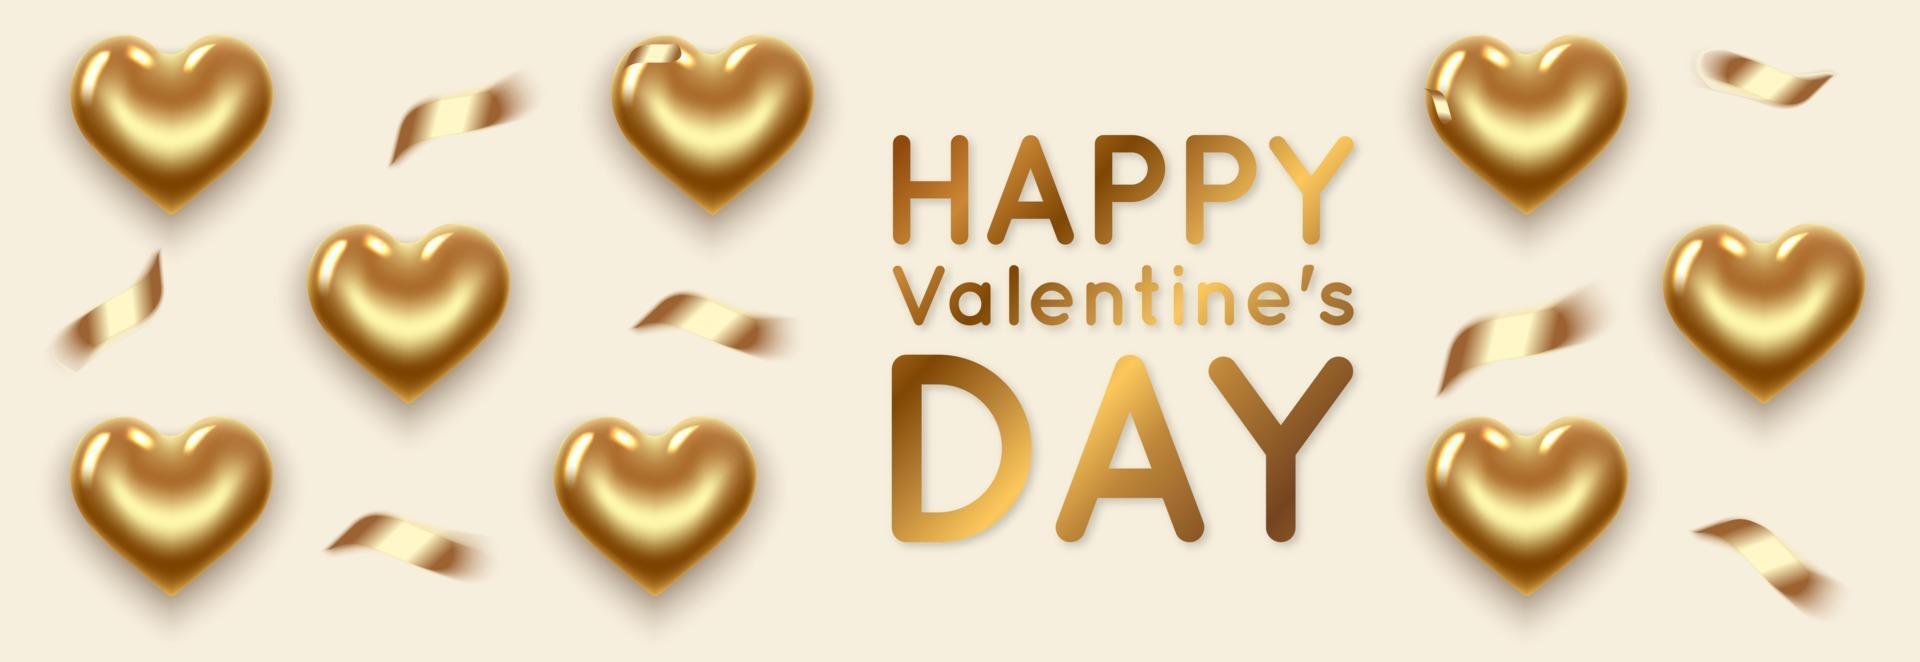 horizontales Valentinsbanner mit goldenen Herzen vektor